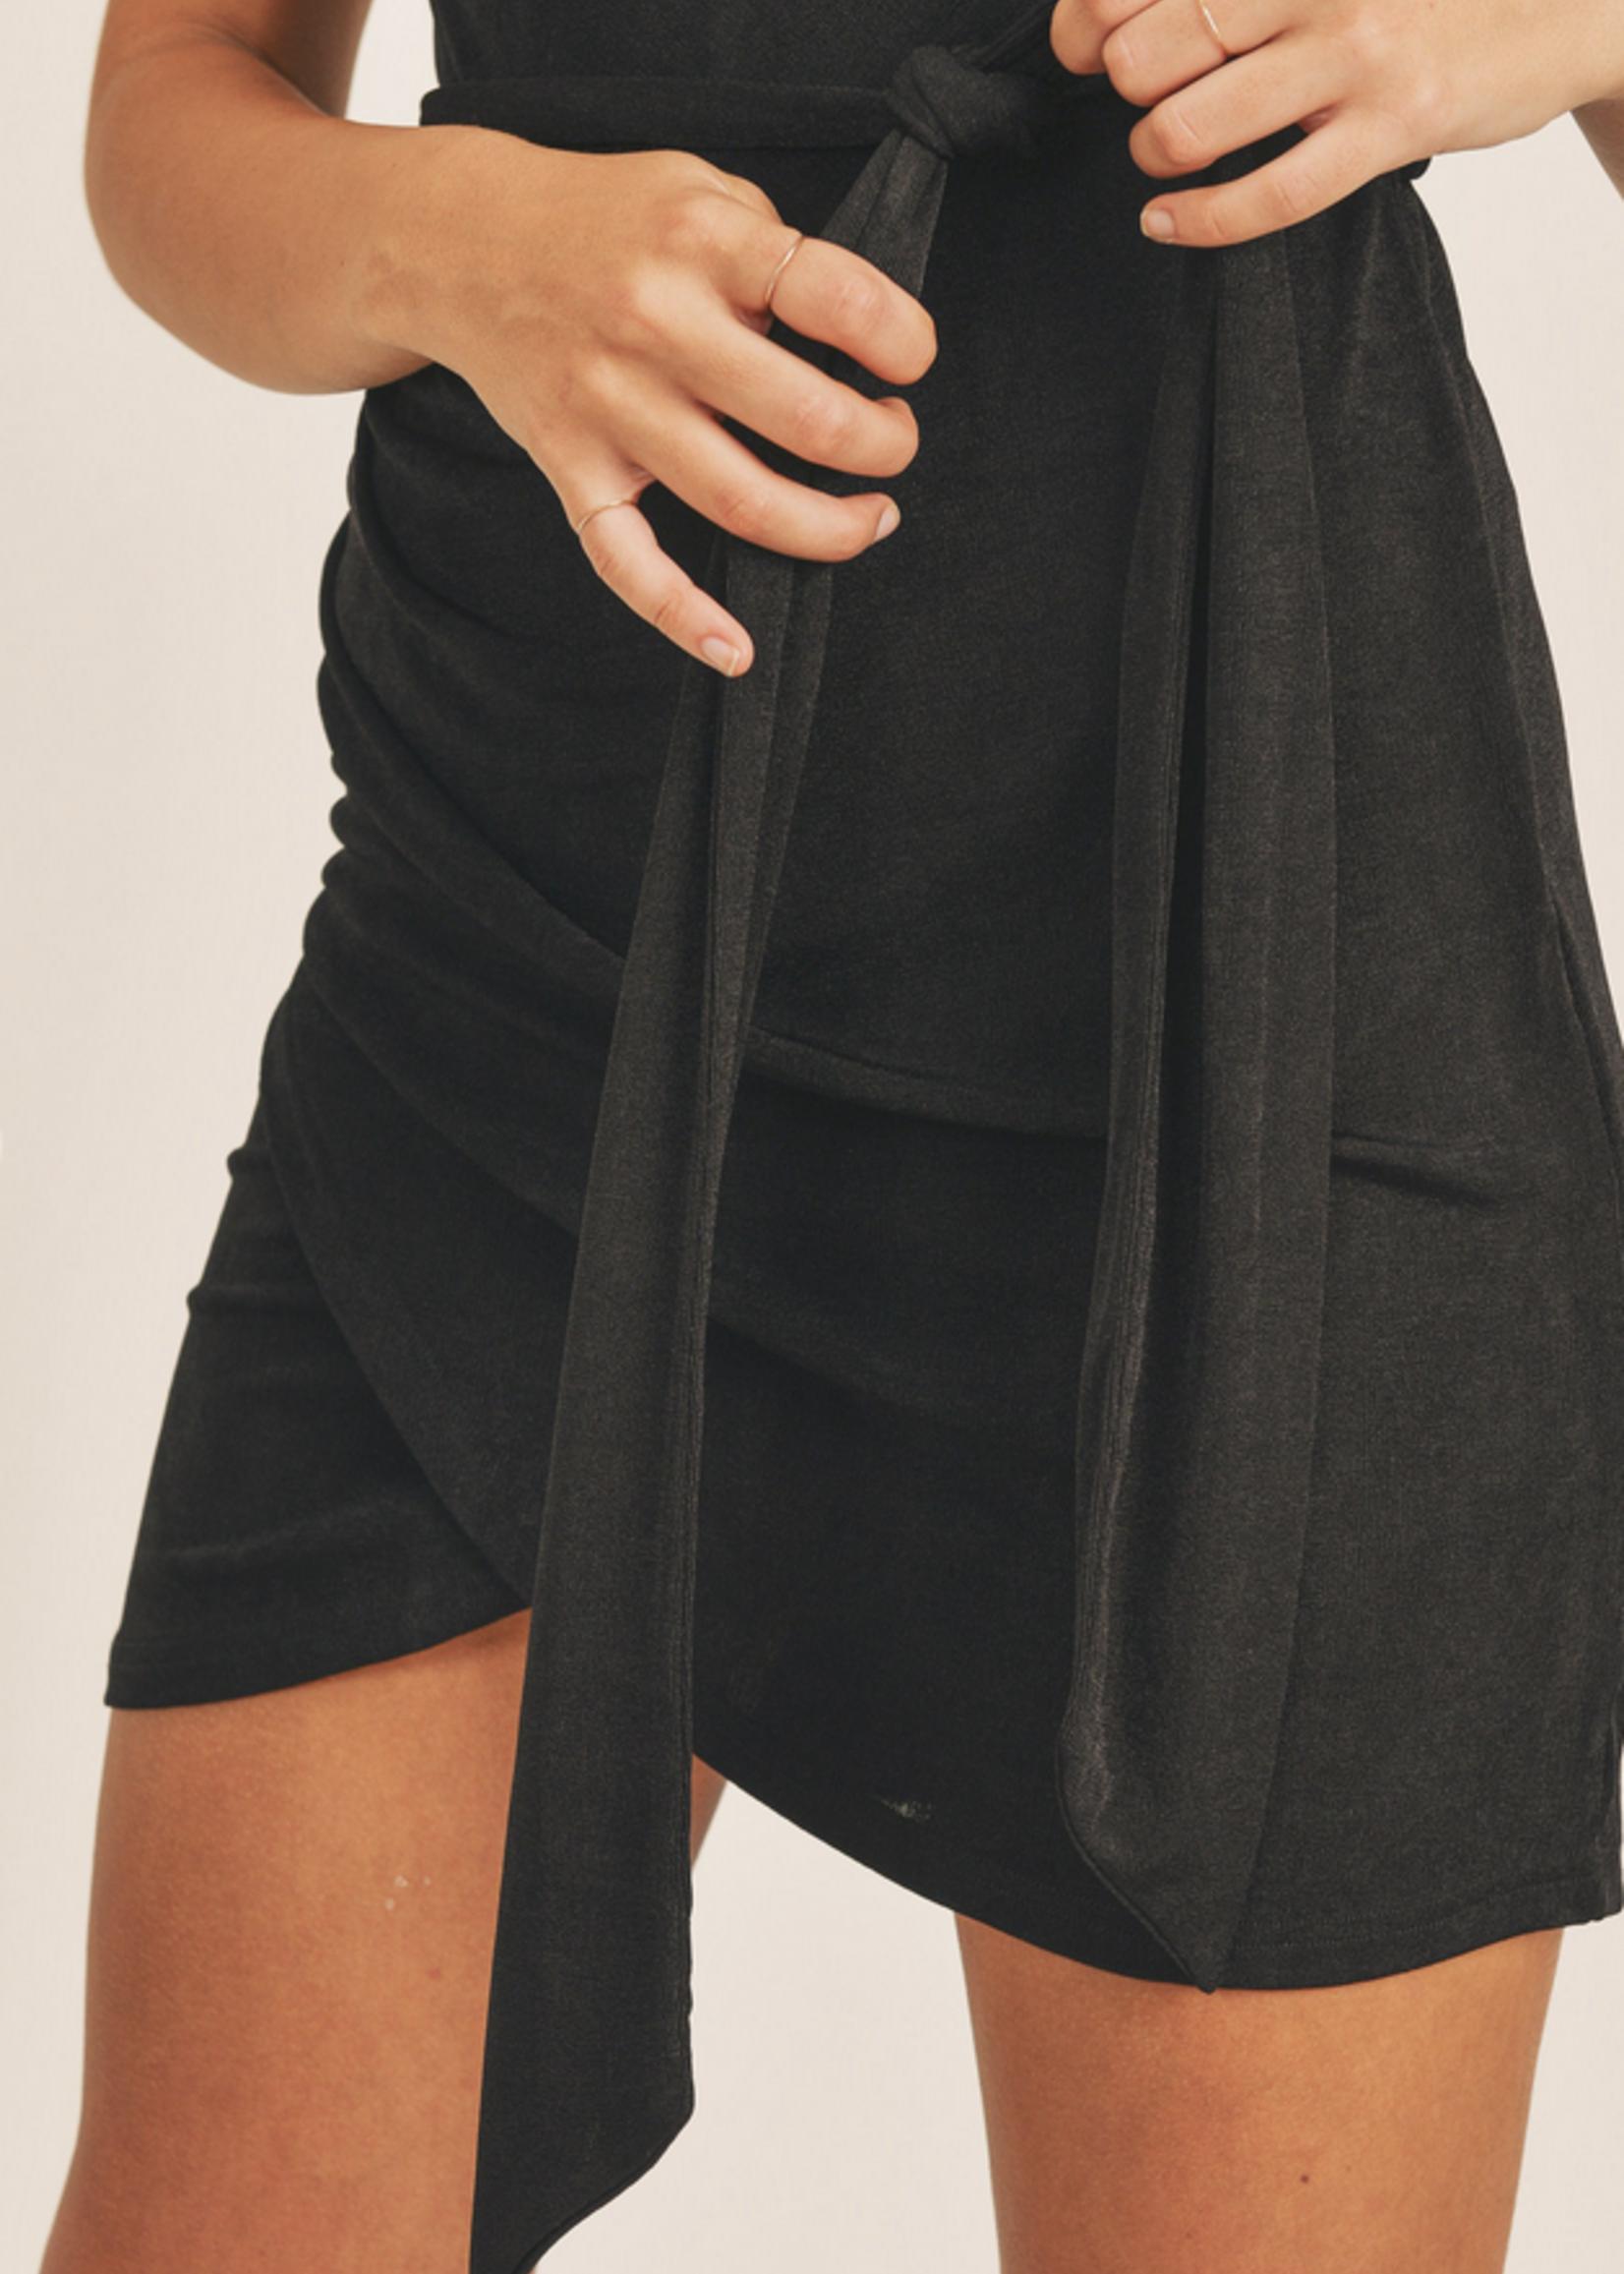 mable mable meredith dress